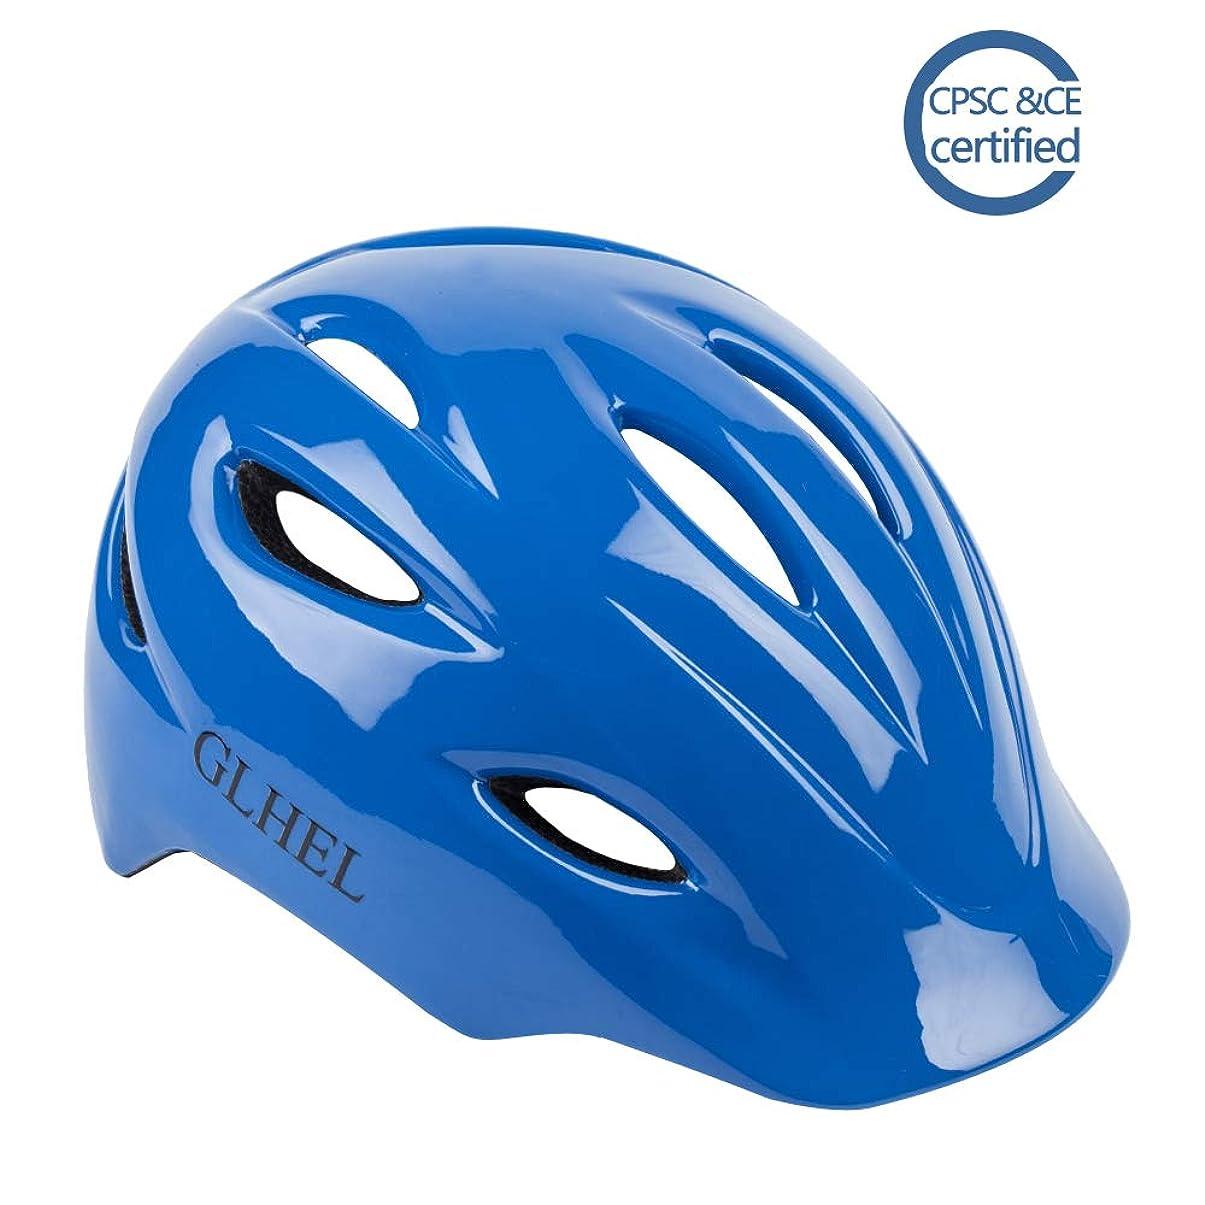 教師の日代理店本OGK KABUTO(オージーケーカブト) 通学用ヘルメット SN-11 ホワイト 無地テープなし サイズ: 57-60cm